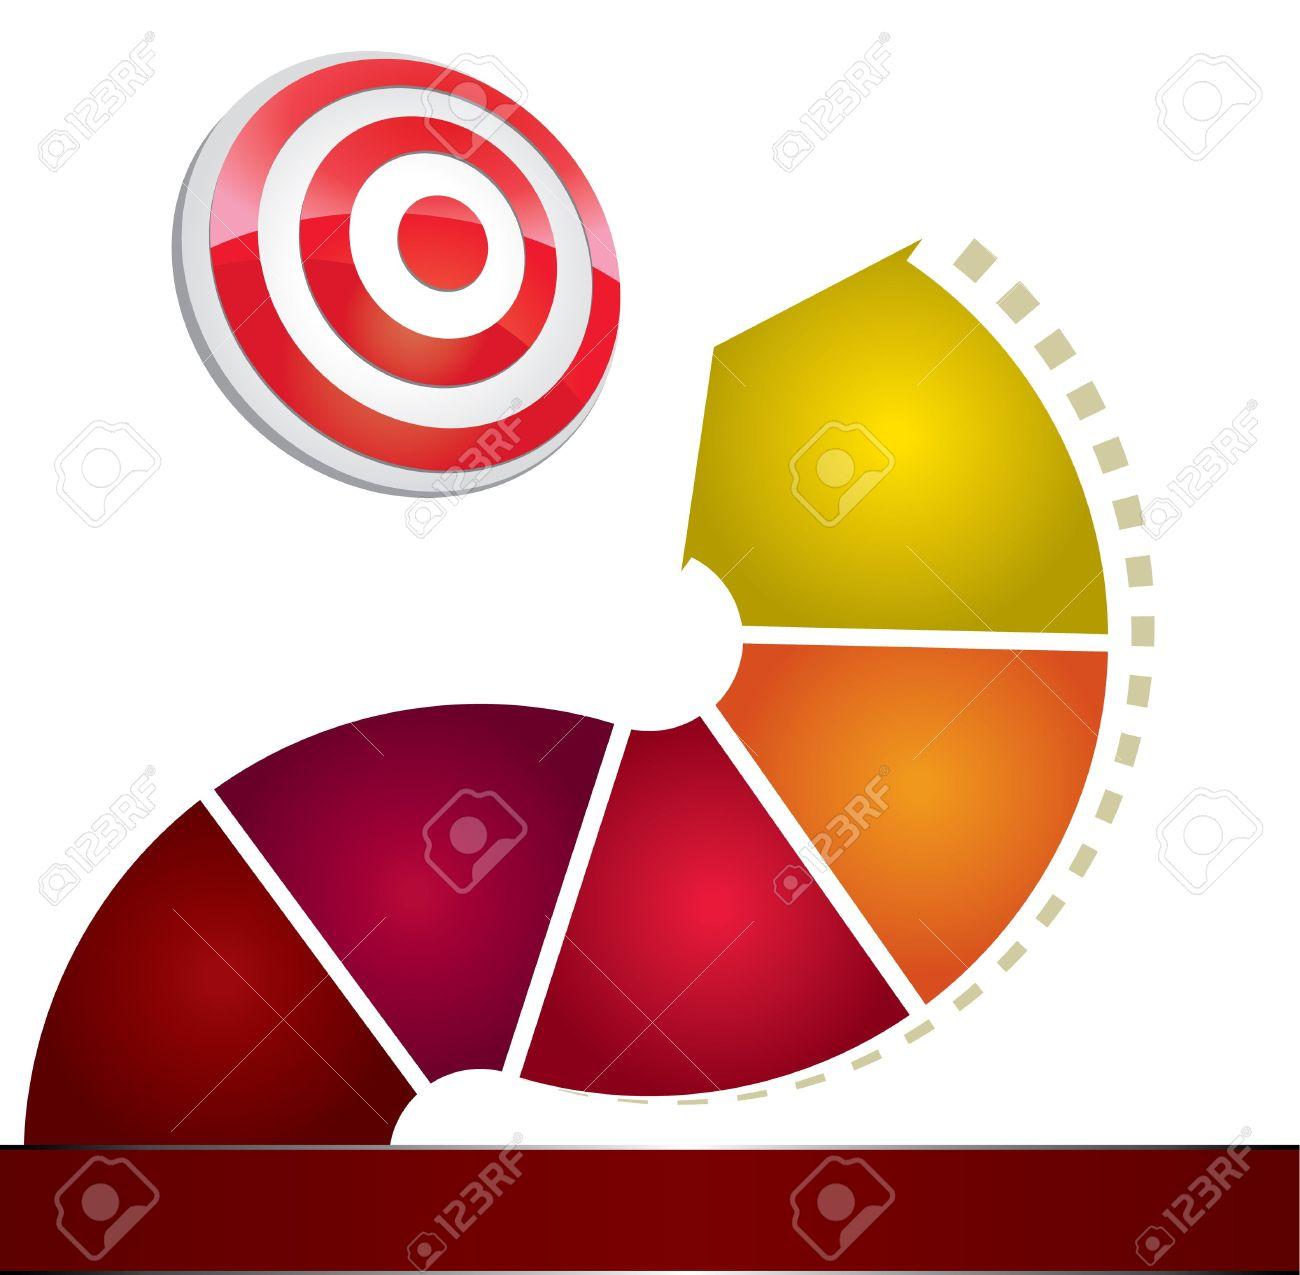 Arrow circle target clipart graphic transparent stock 3D Arrow Circle To Target Royalty Free Cliparts, Vectors, And ... graphic transparent stock